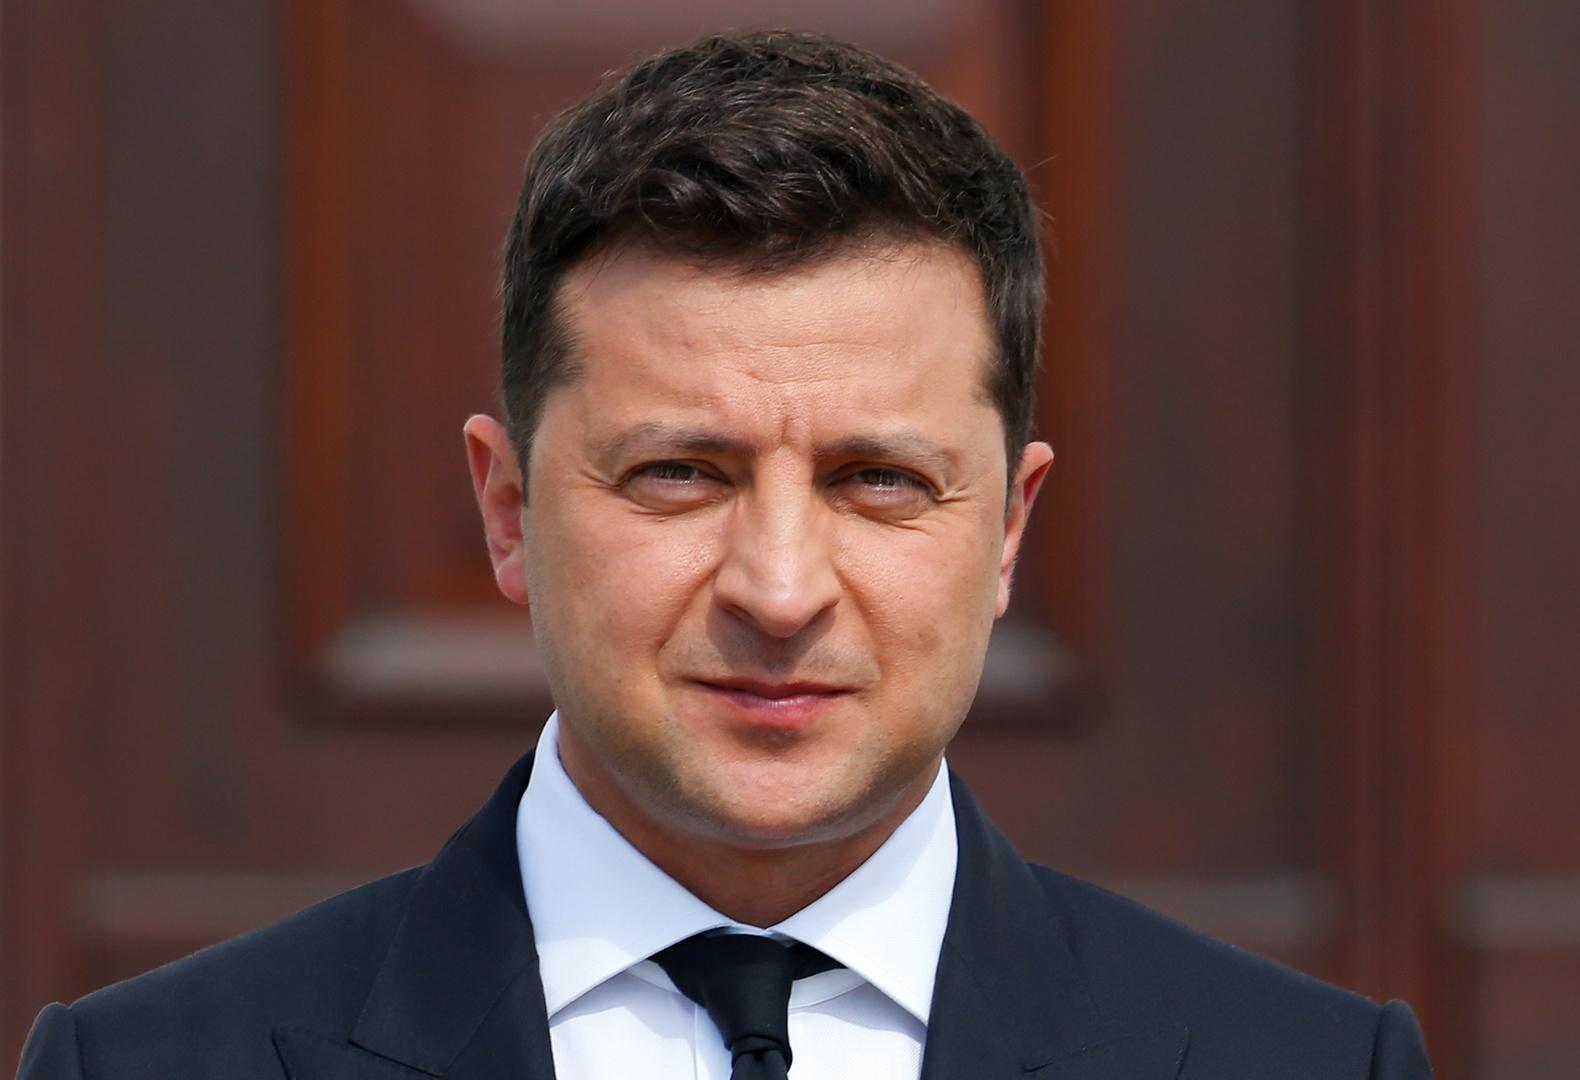 شرطة كييف: لم نتلق بلاغات عن وجود تهديد لحياة الرئيس زيلينسكي